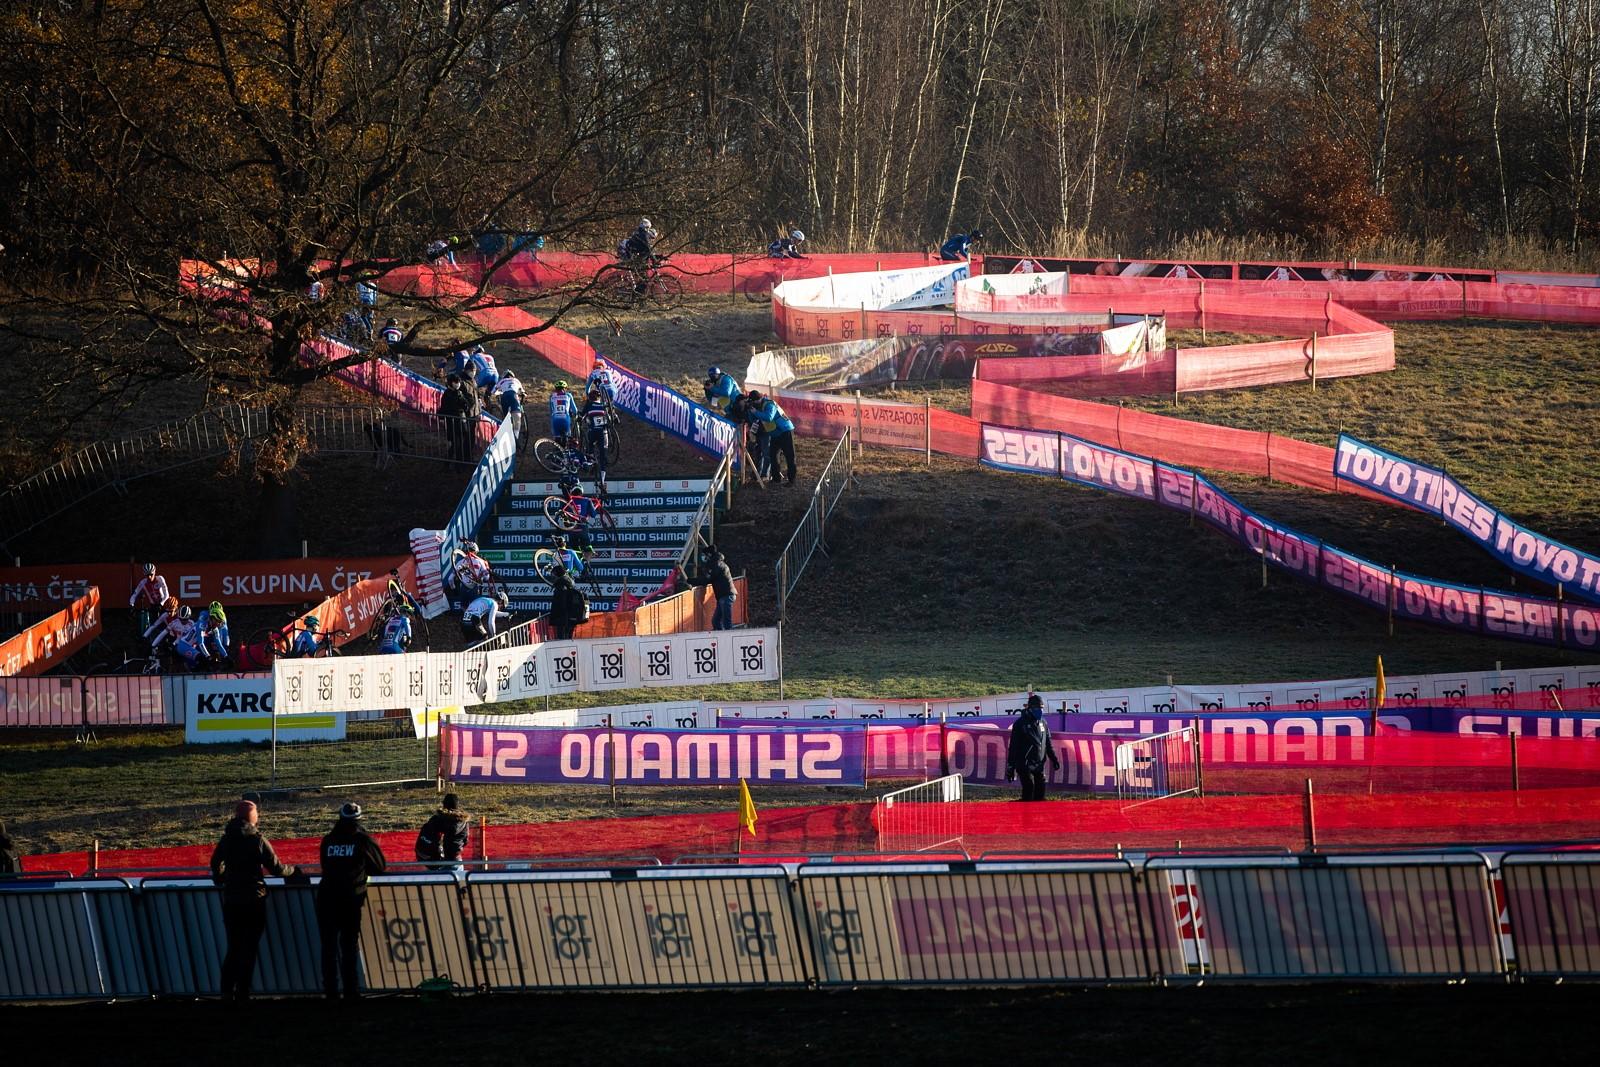 02 - Netradiční pohled. Sportovní areál Komora zažil už hodně bouřlivých závodů s parádní atmosférou. Tentokrát zůstal ale fanouškům cyklokrosu uzavřen.